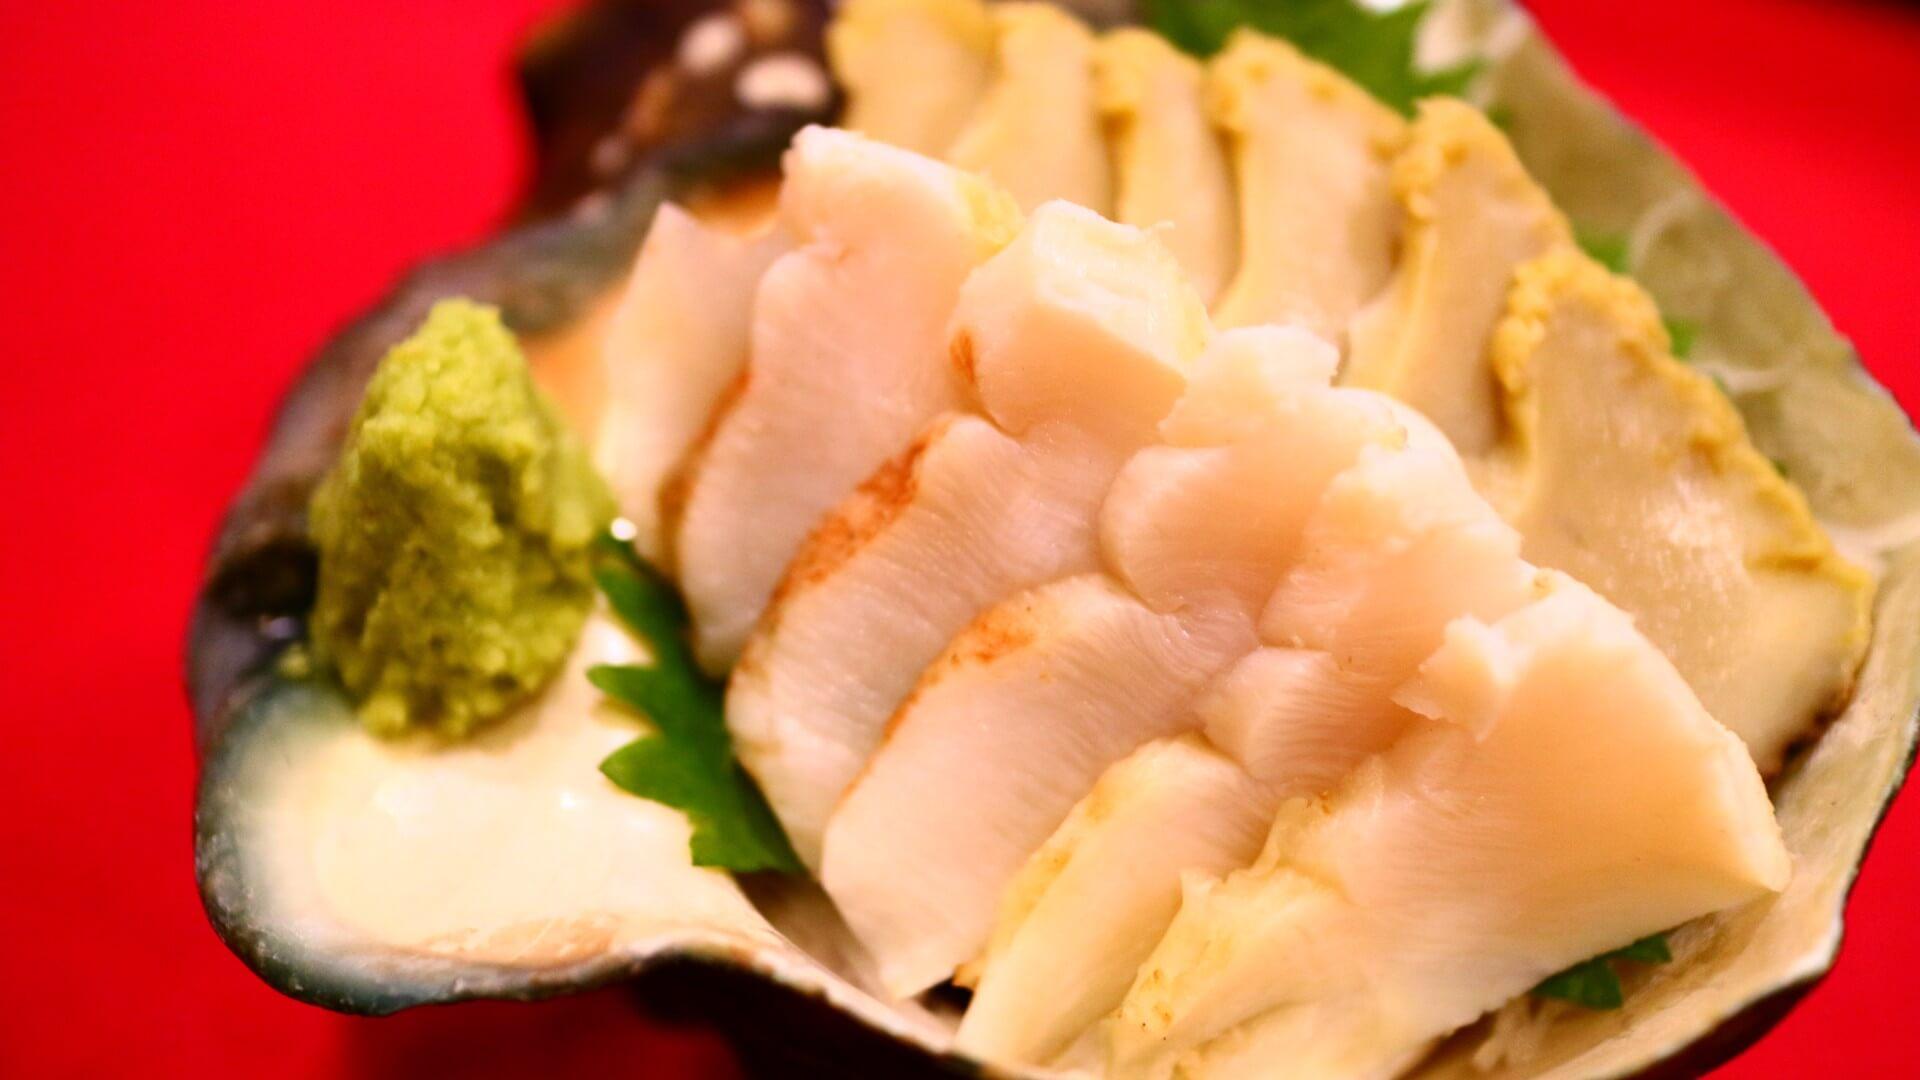 夜光貝の刺身orバター焼 刺身  | 奄美大島 名瀬【屋仁川】人気の島料